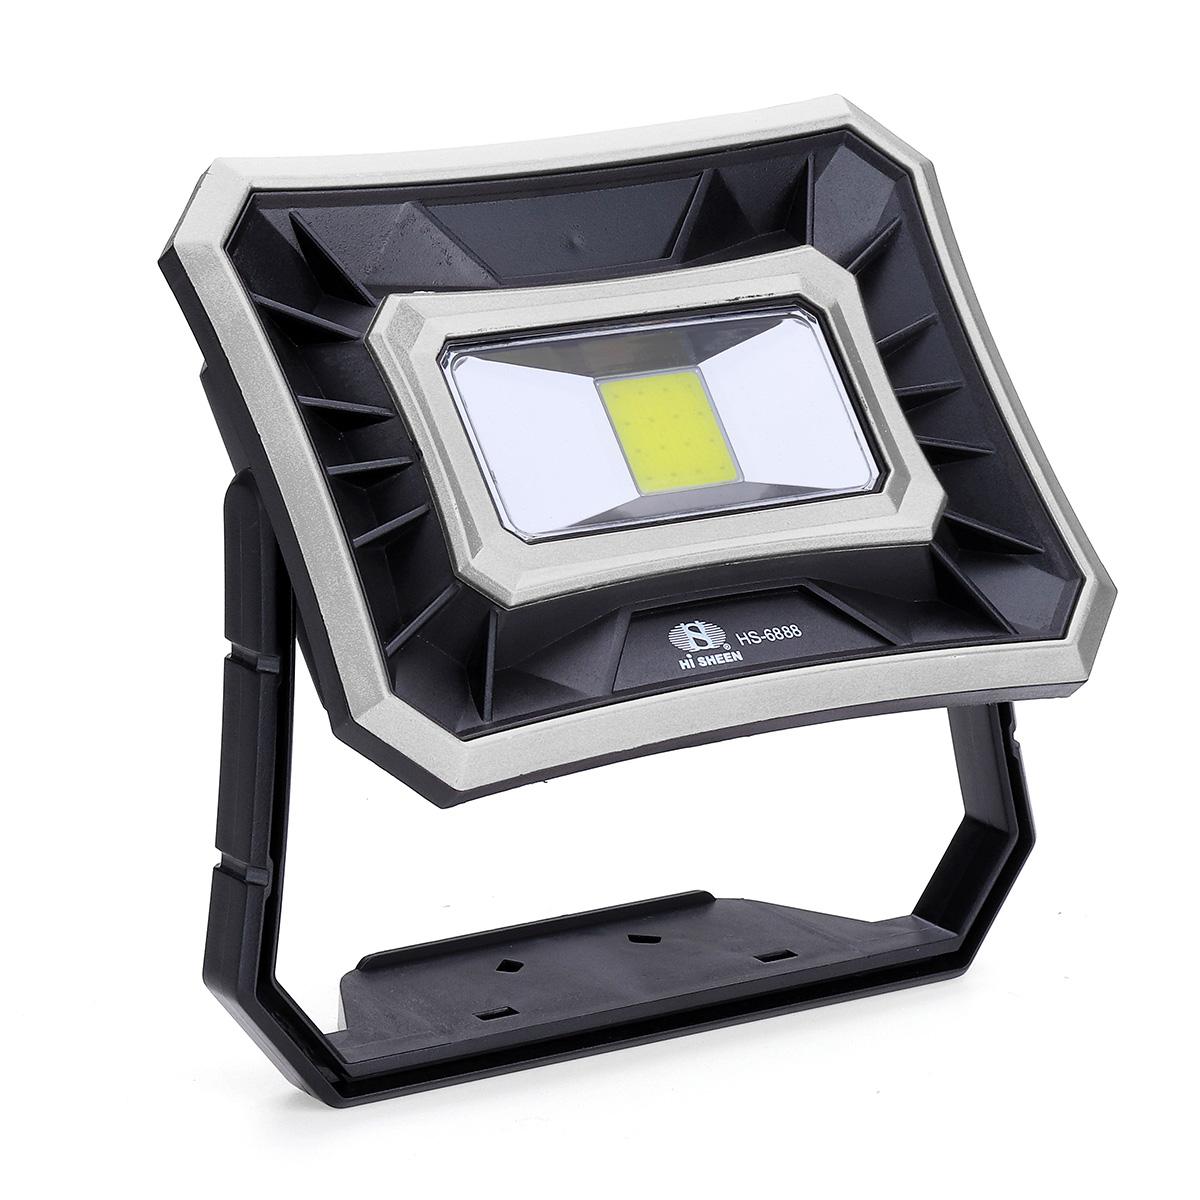 IPRee® 50W LED солнечный COB USB Work Light IP65 Водонепроницаемы Прожектор Прожектор На открытом воздухе Кемпинг Аварийный фонарь